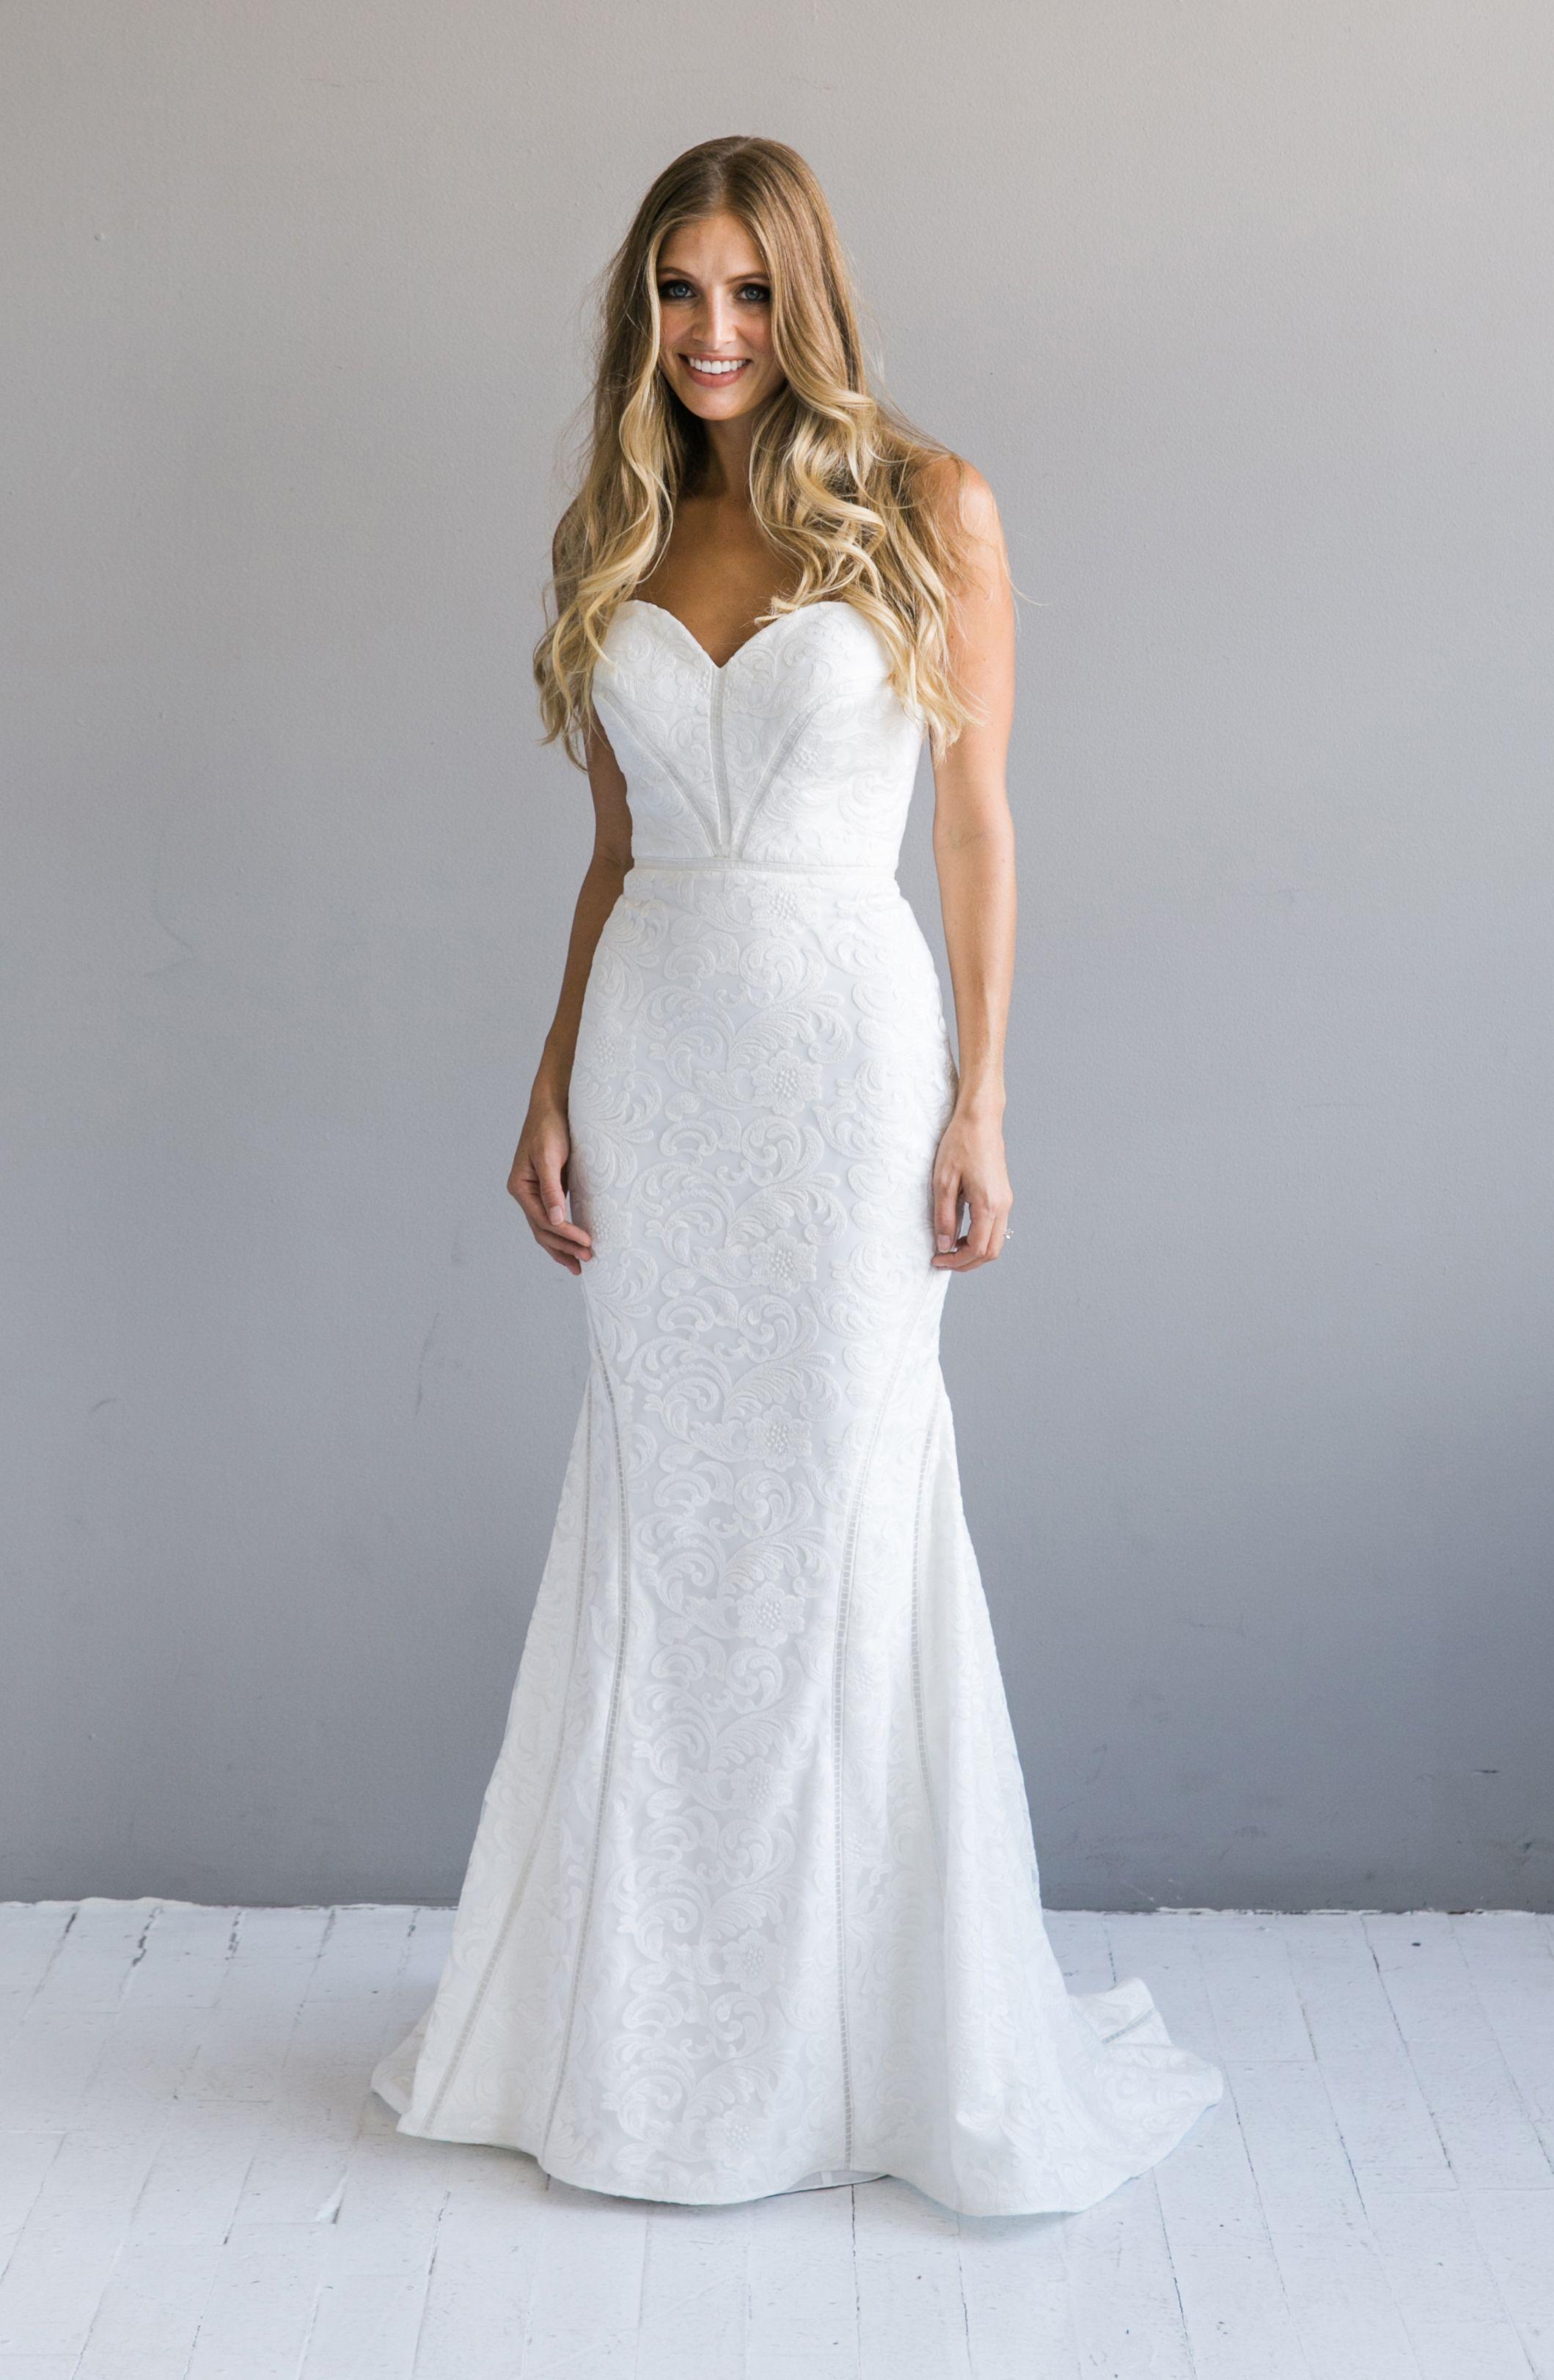 Desiree Hartsock Bridal Luna Formal Dresses For Weddings Wedding Dress Trends Wedding Dresses Unique